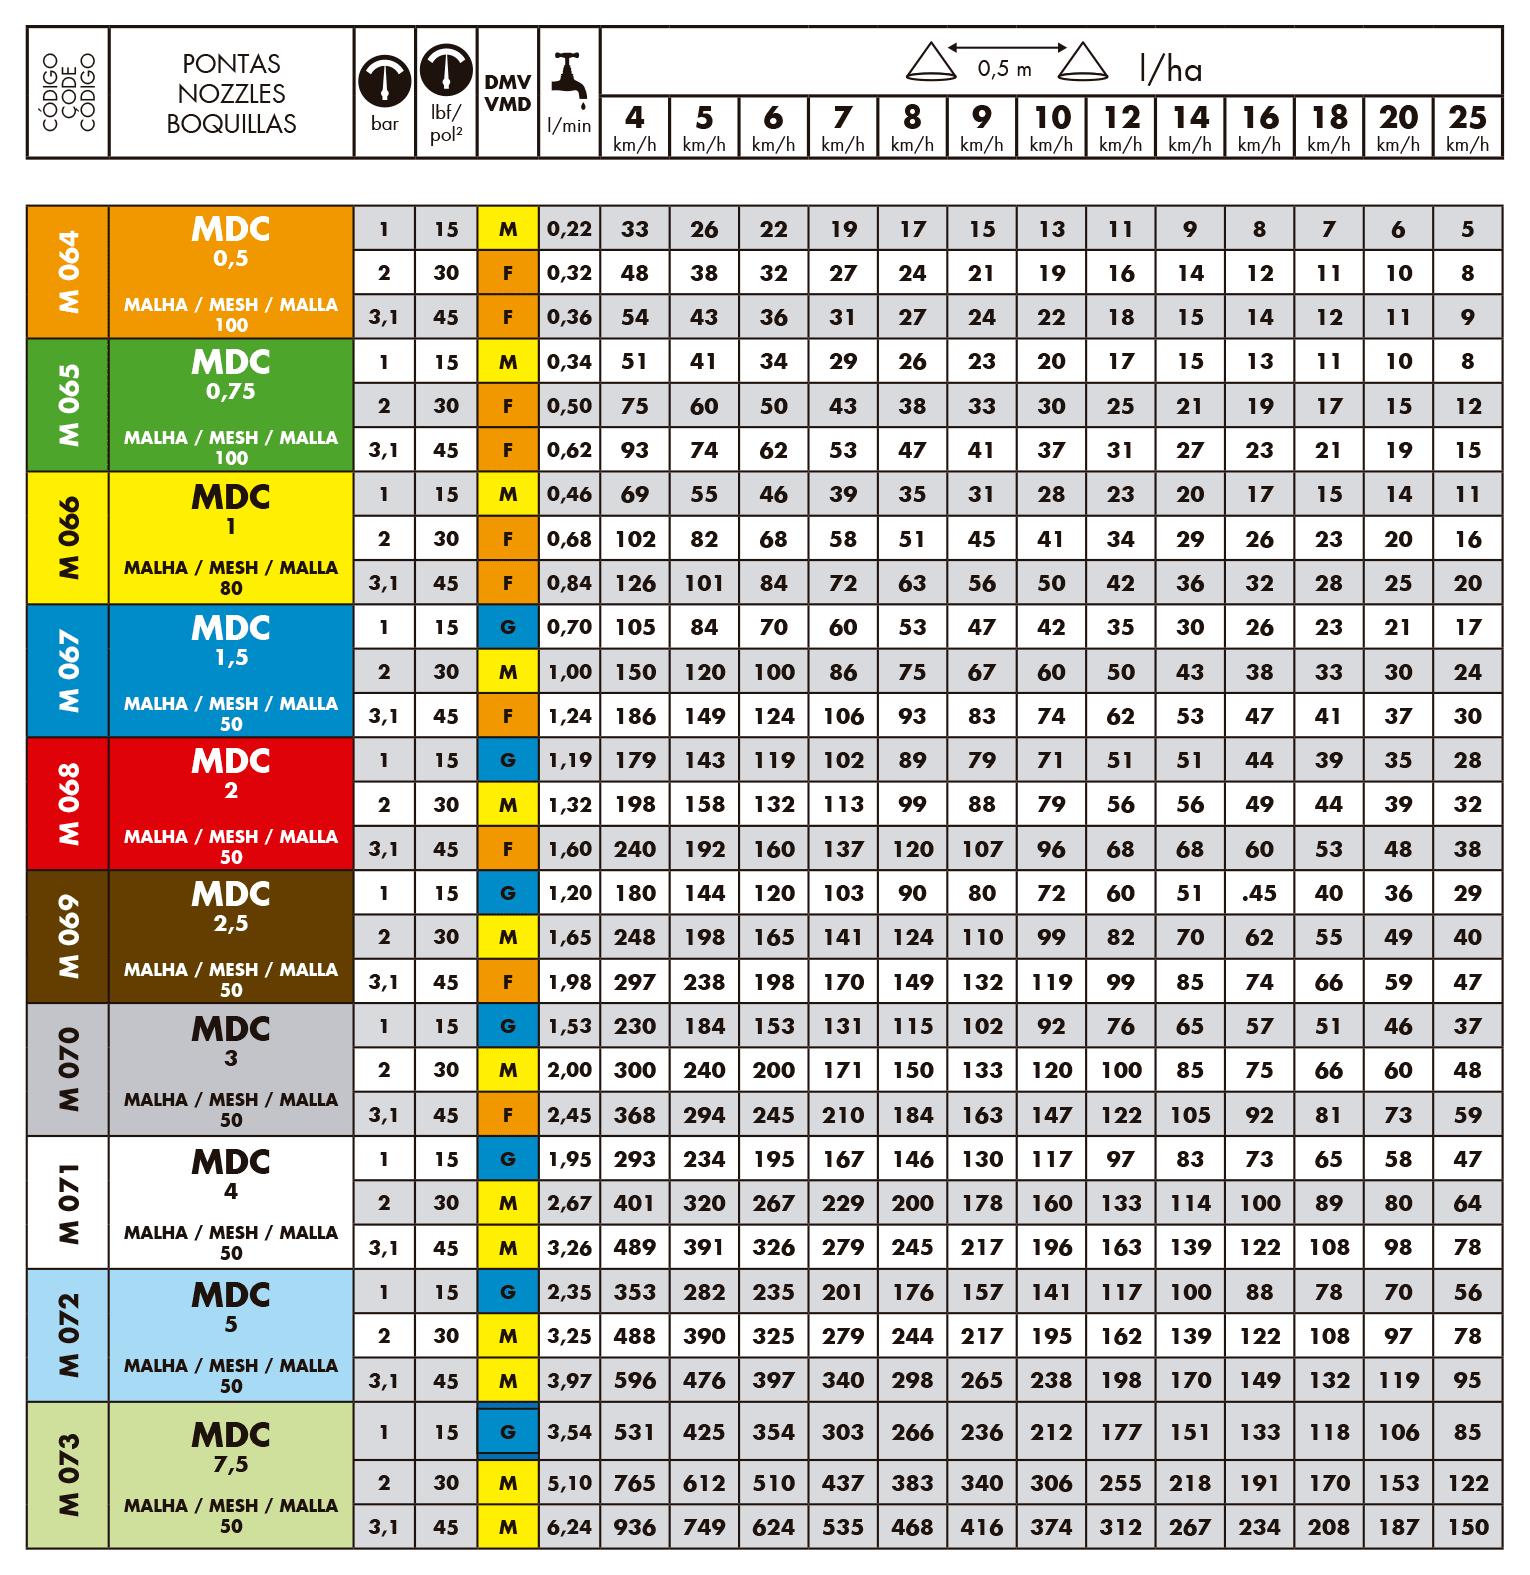 Tabela de vazões do bico de pulverização Magnojet MDC TK